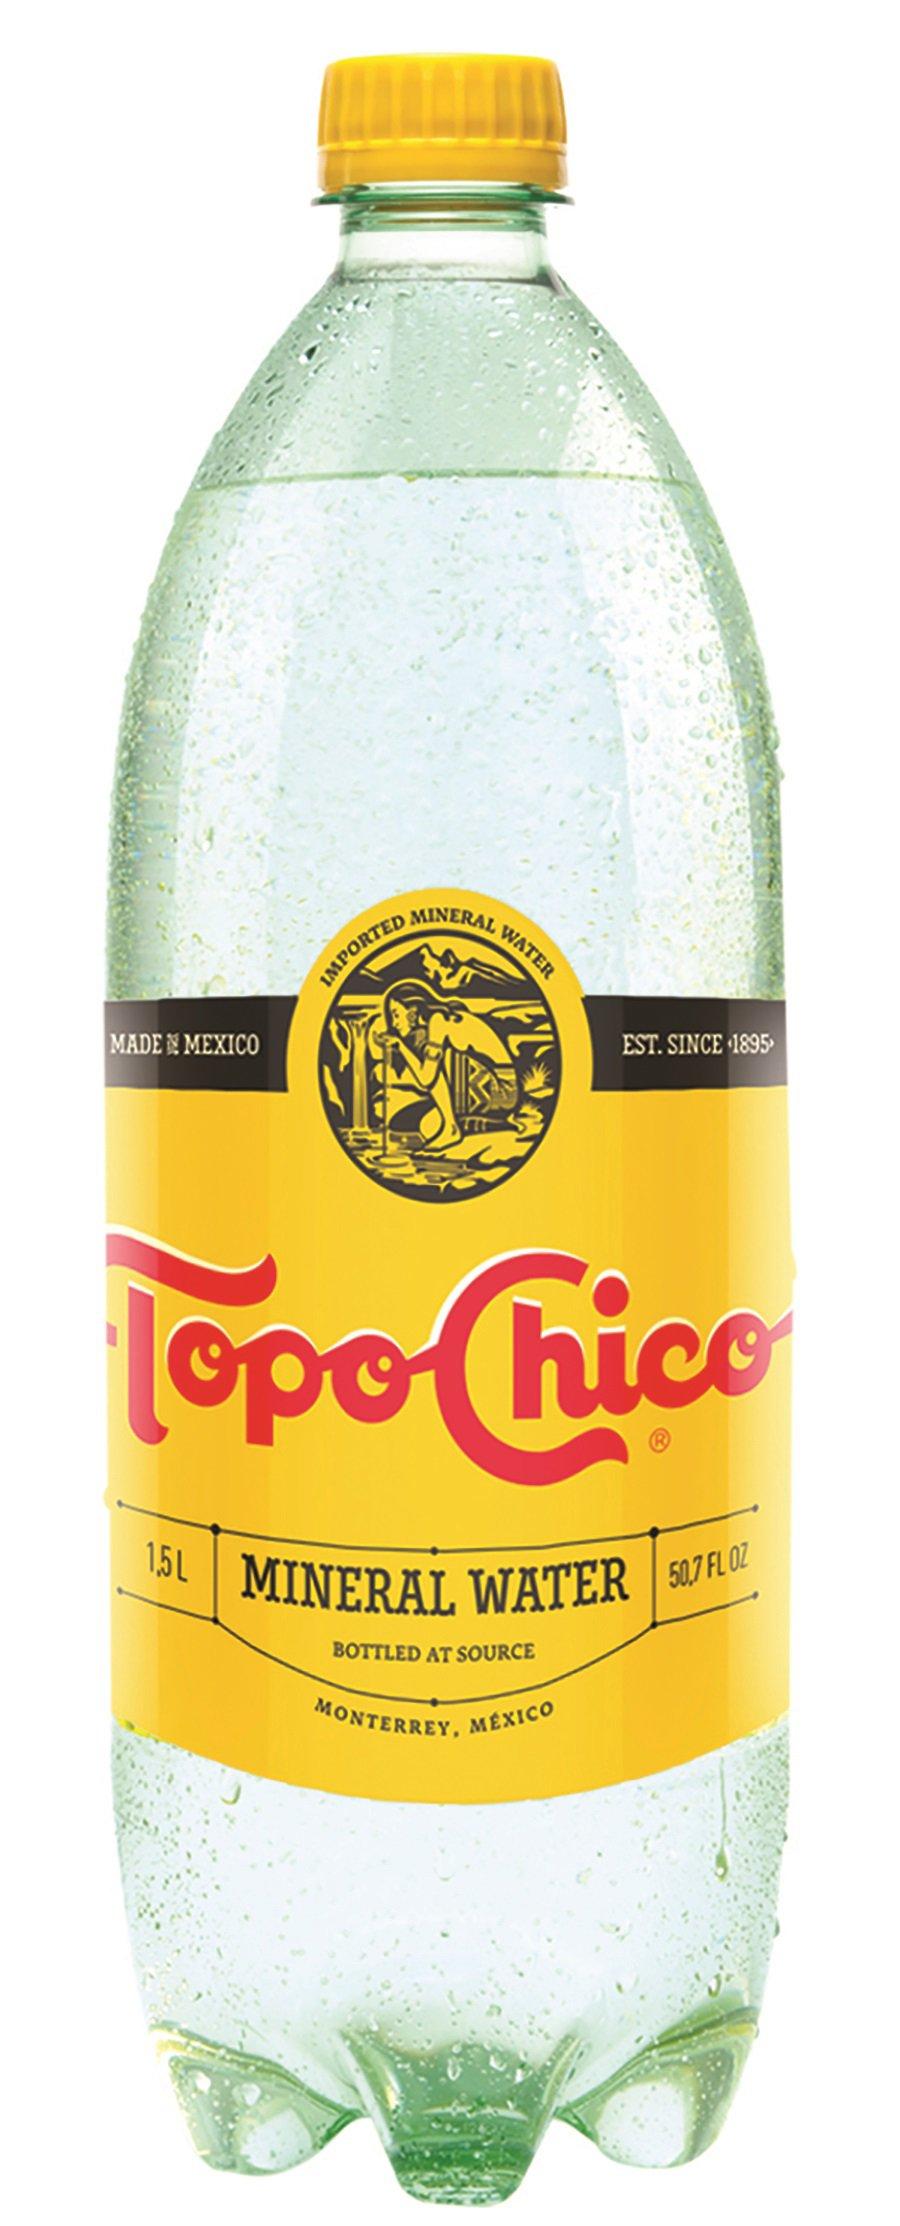 Topo Chico Sparkling Mineral Water 1 5 L Heb Com